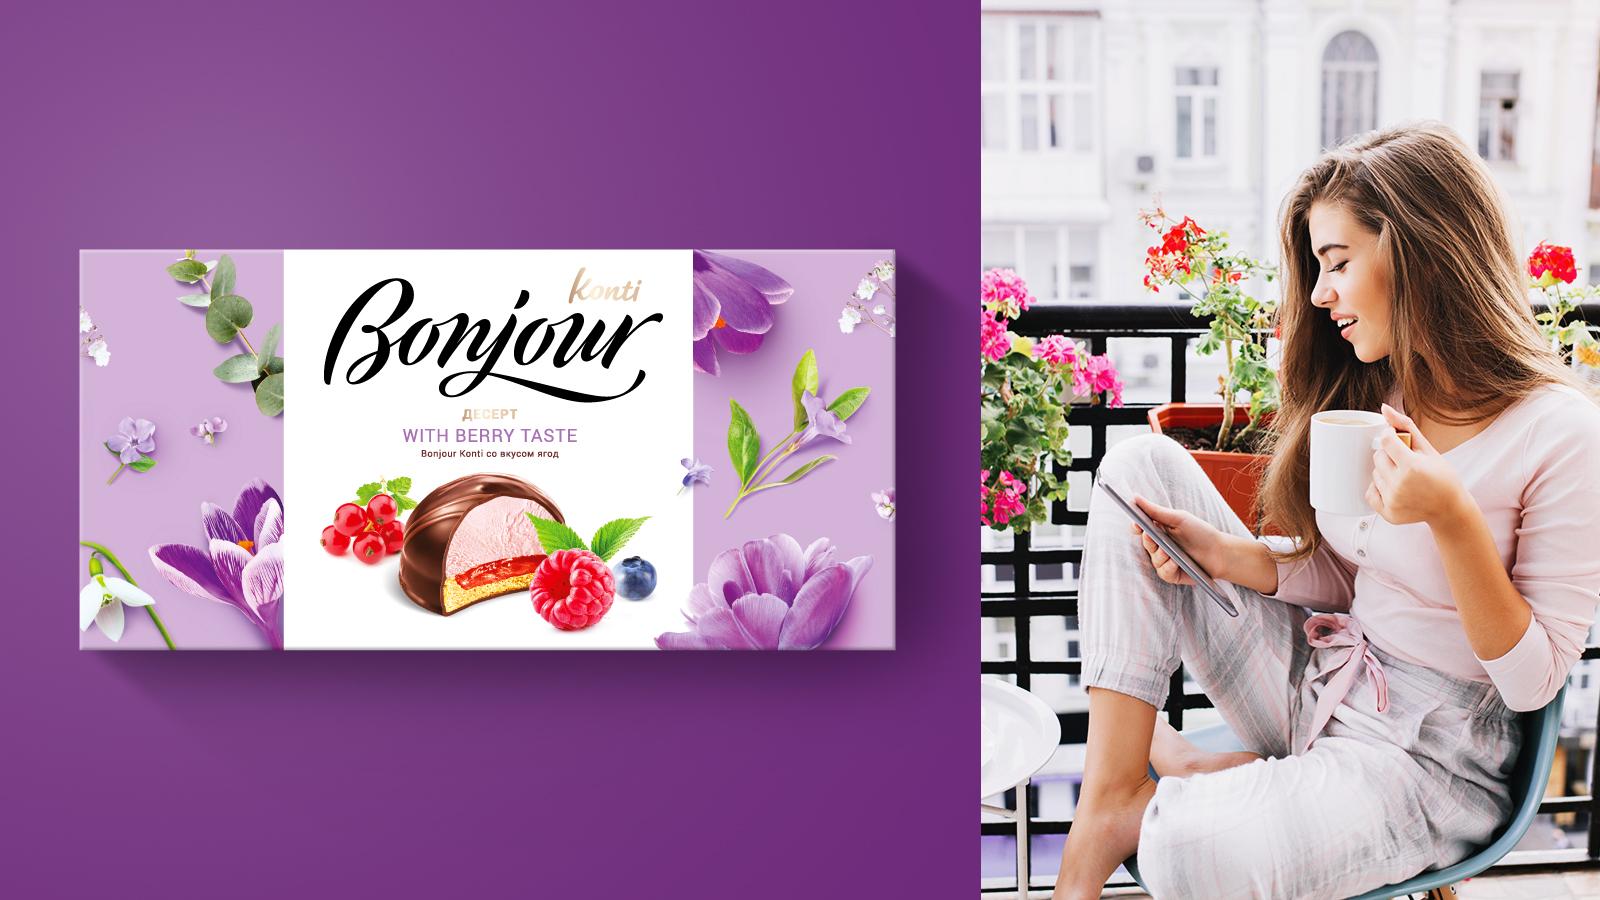 Сезонный дизайн упаковки десерта Bonjour к Празднику весны формирует необходимое настроение и атмосферу бренда, превращая десерт в изысканный подарок